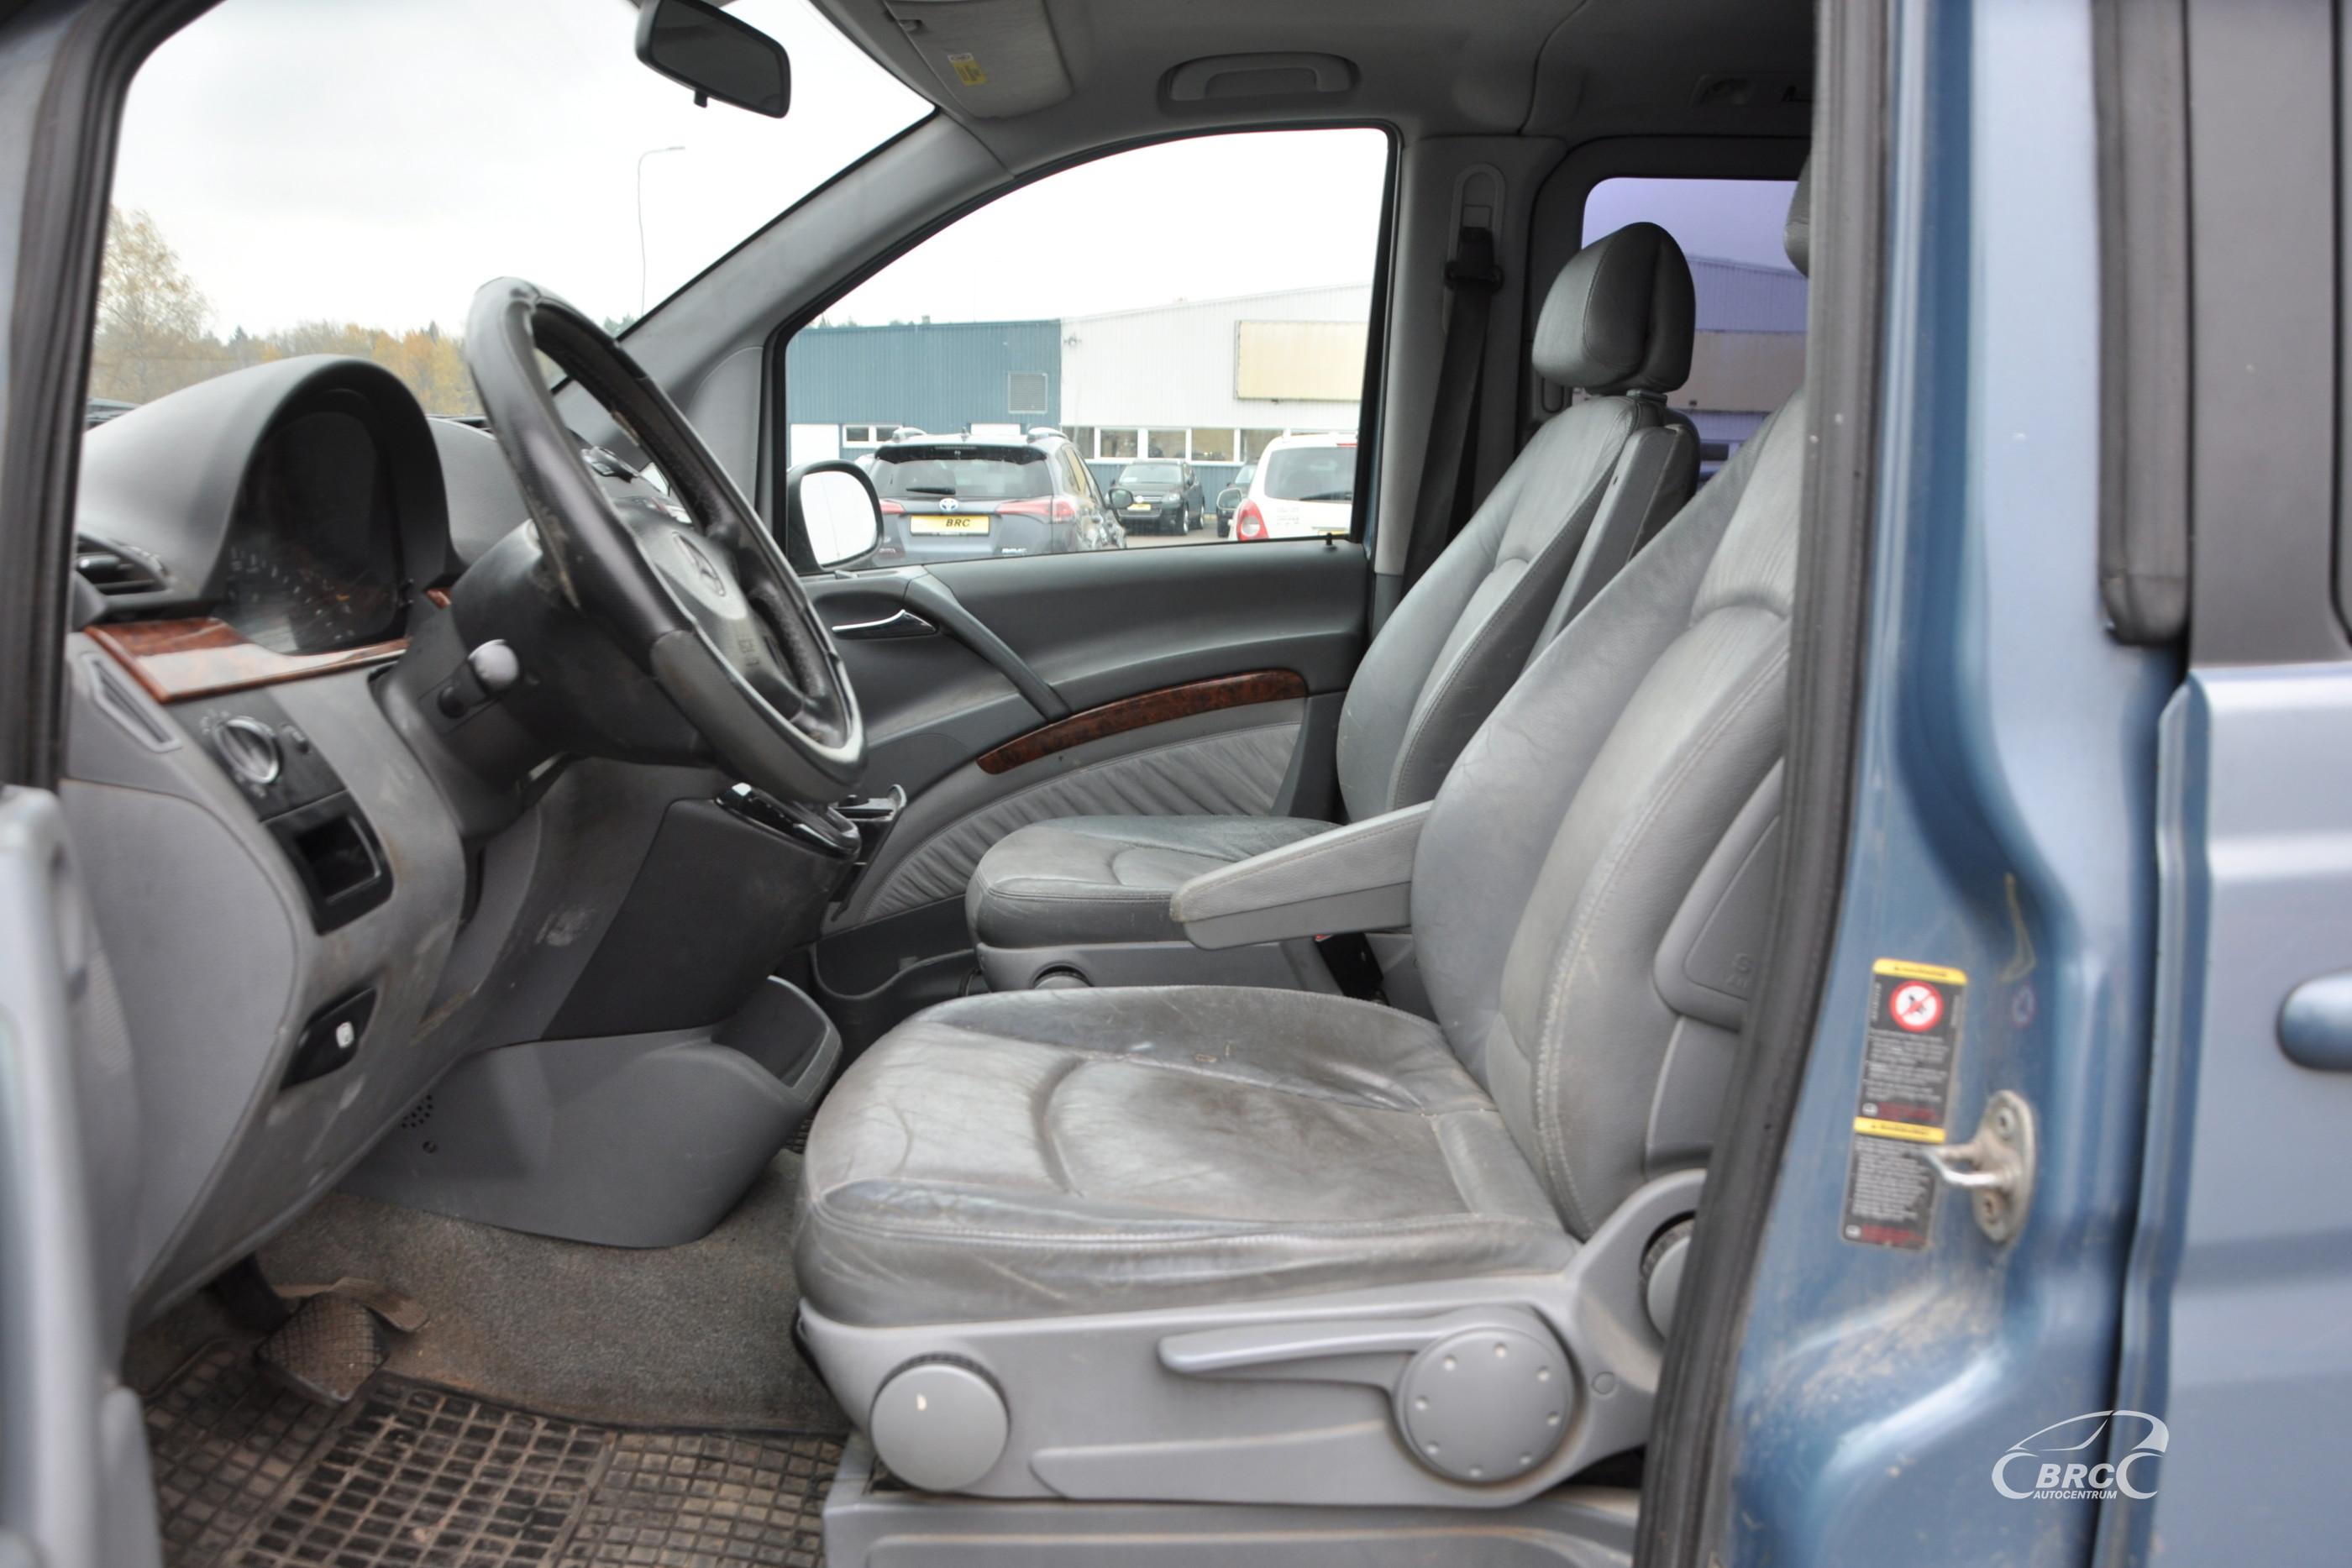 Mercedes-Benz Viano 2.2 CDI Automatas